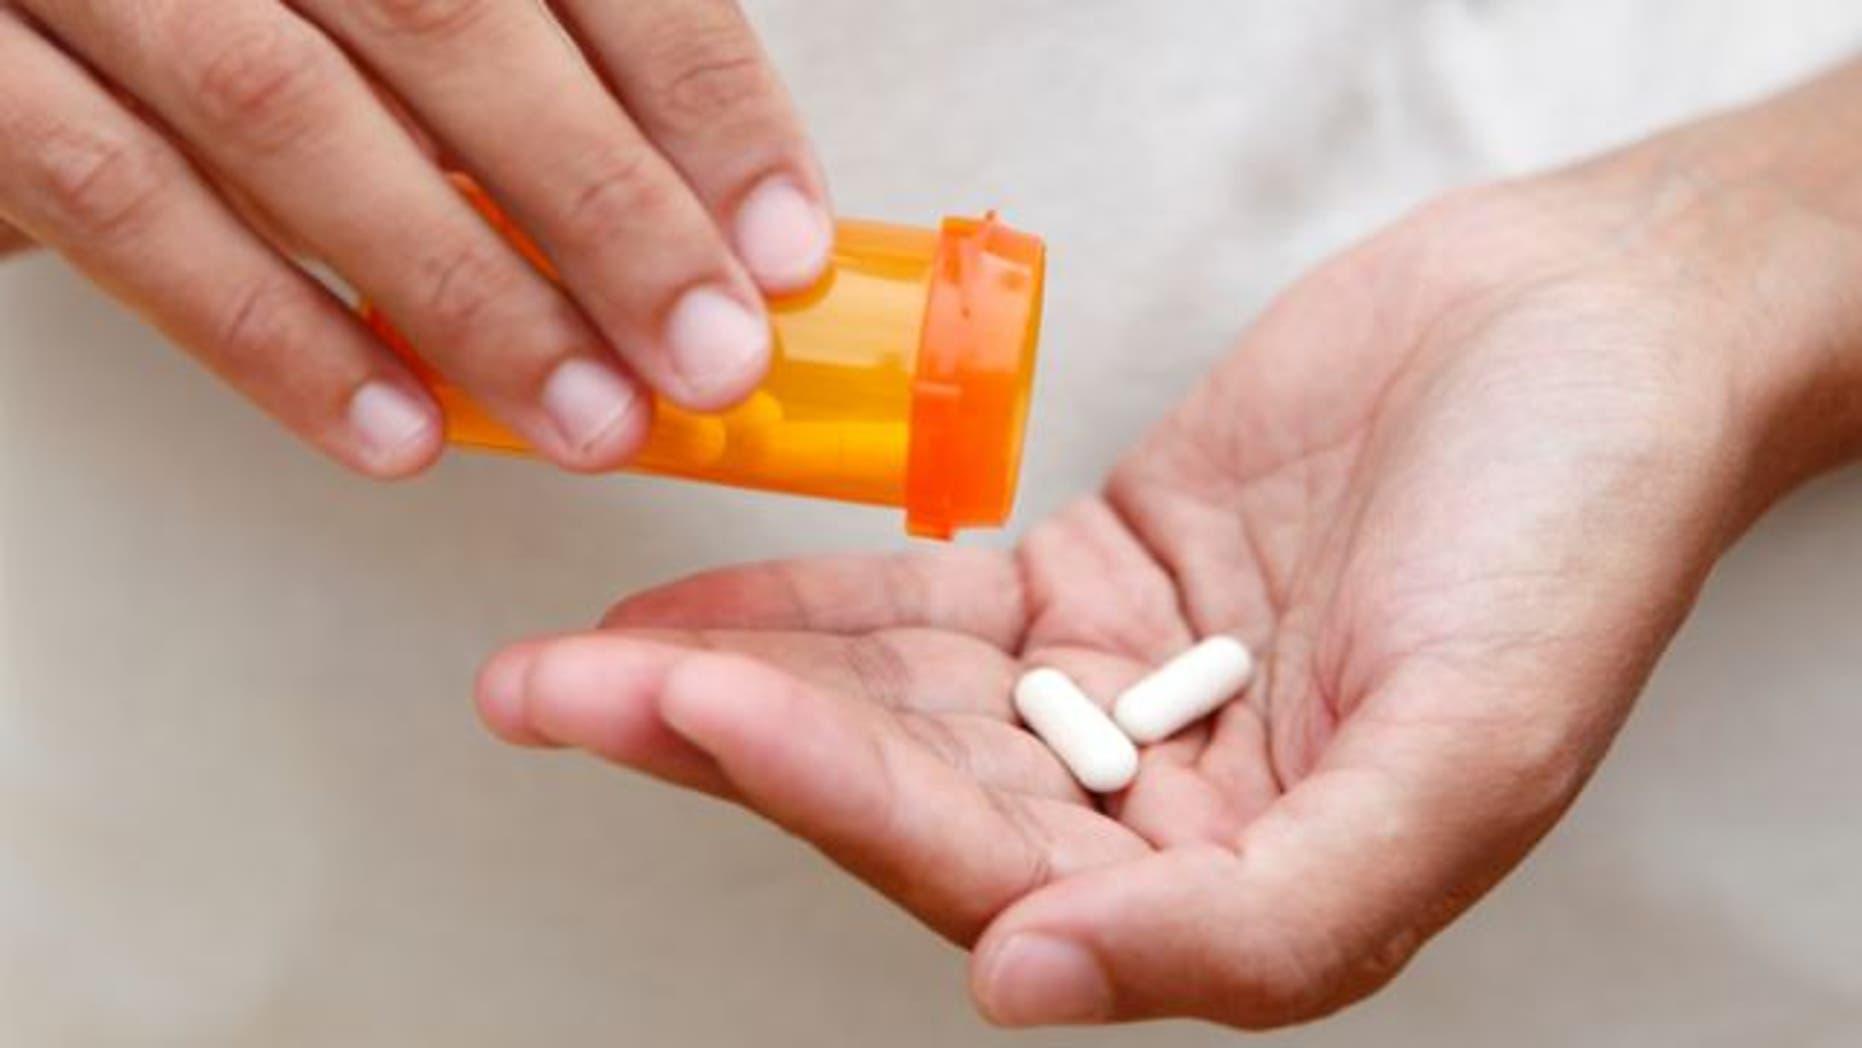 ALERT: Antibiotics Wont Fix This Common Condition